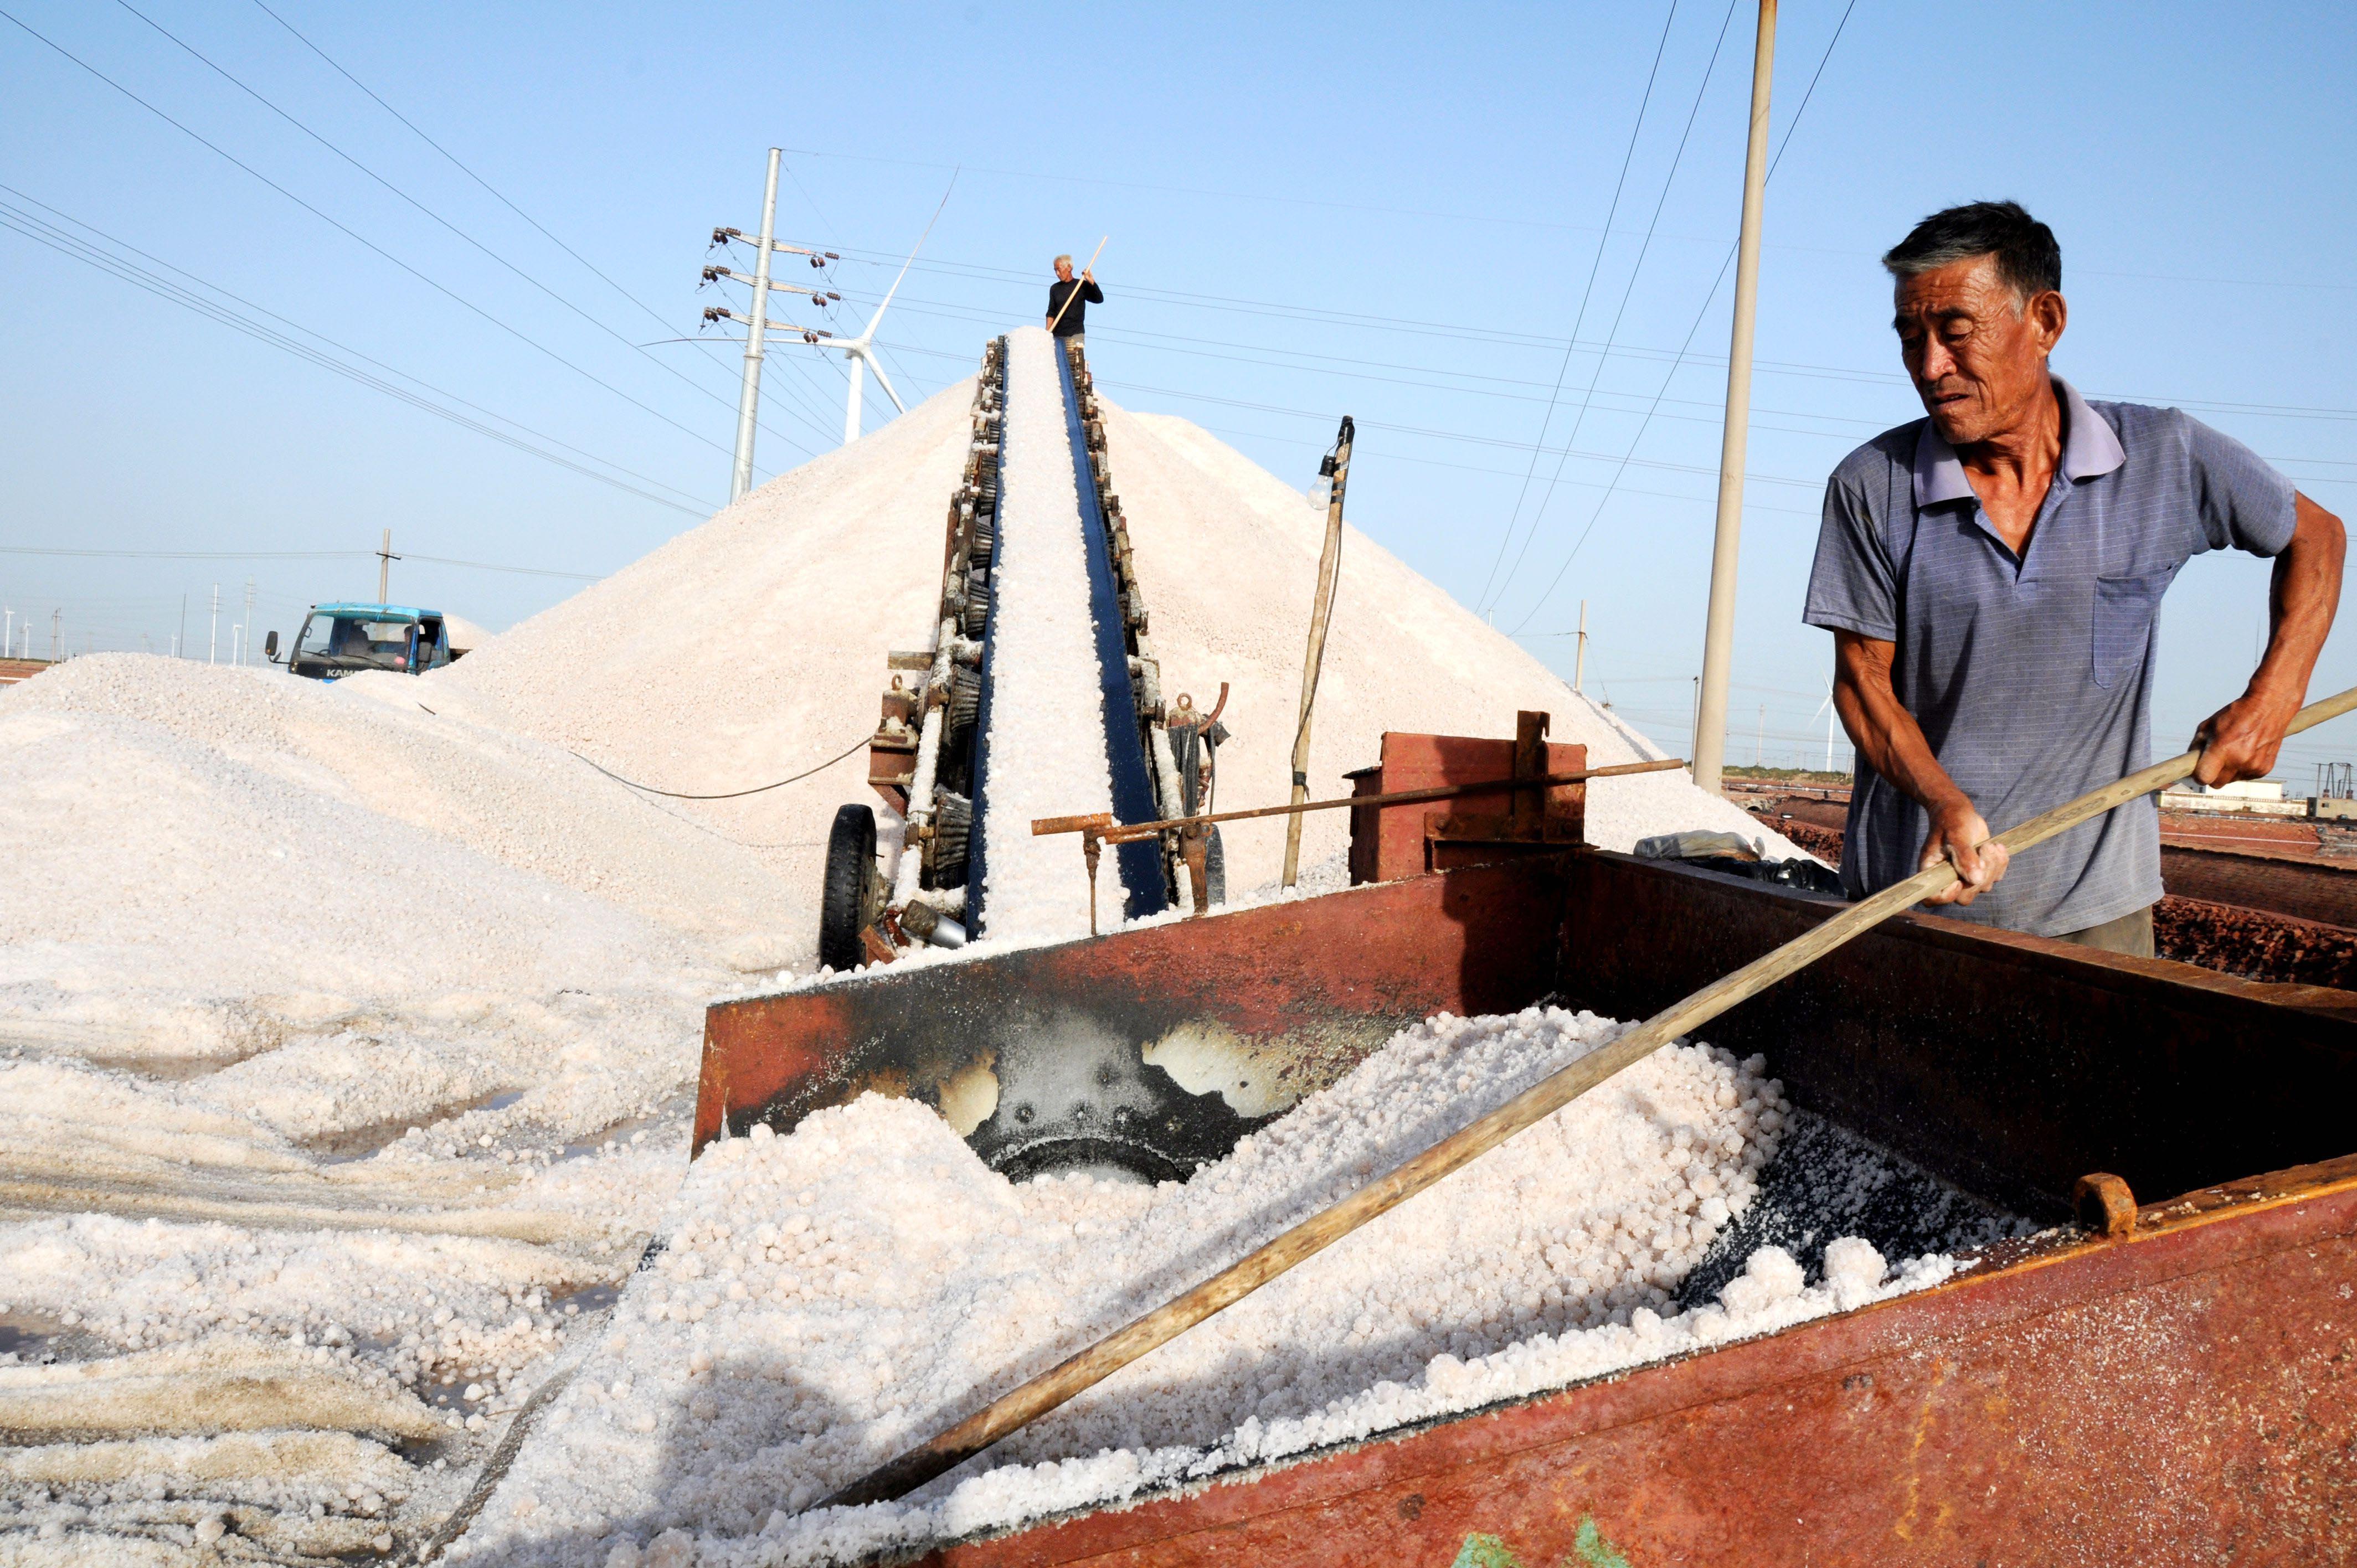 近日,位于山东省滨州市北海经济开发区的埕口盐场的30万亩秋盐进入